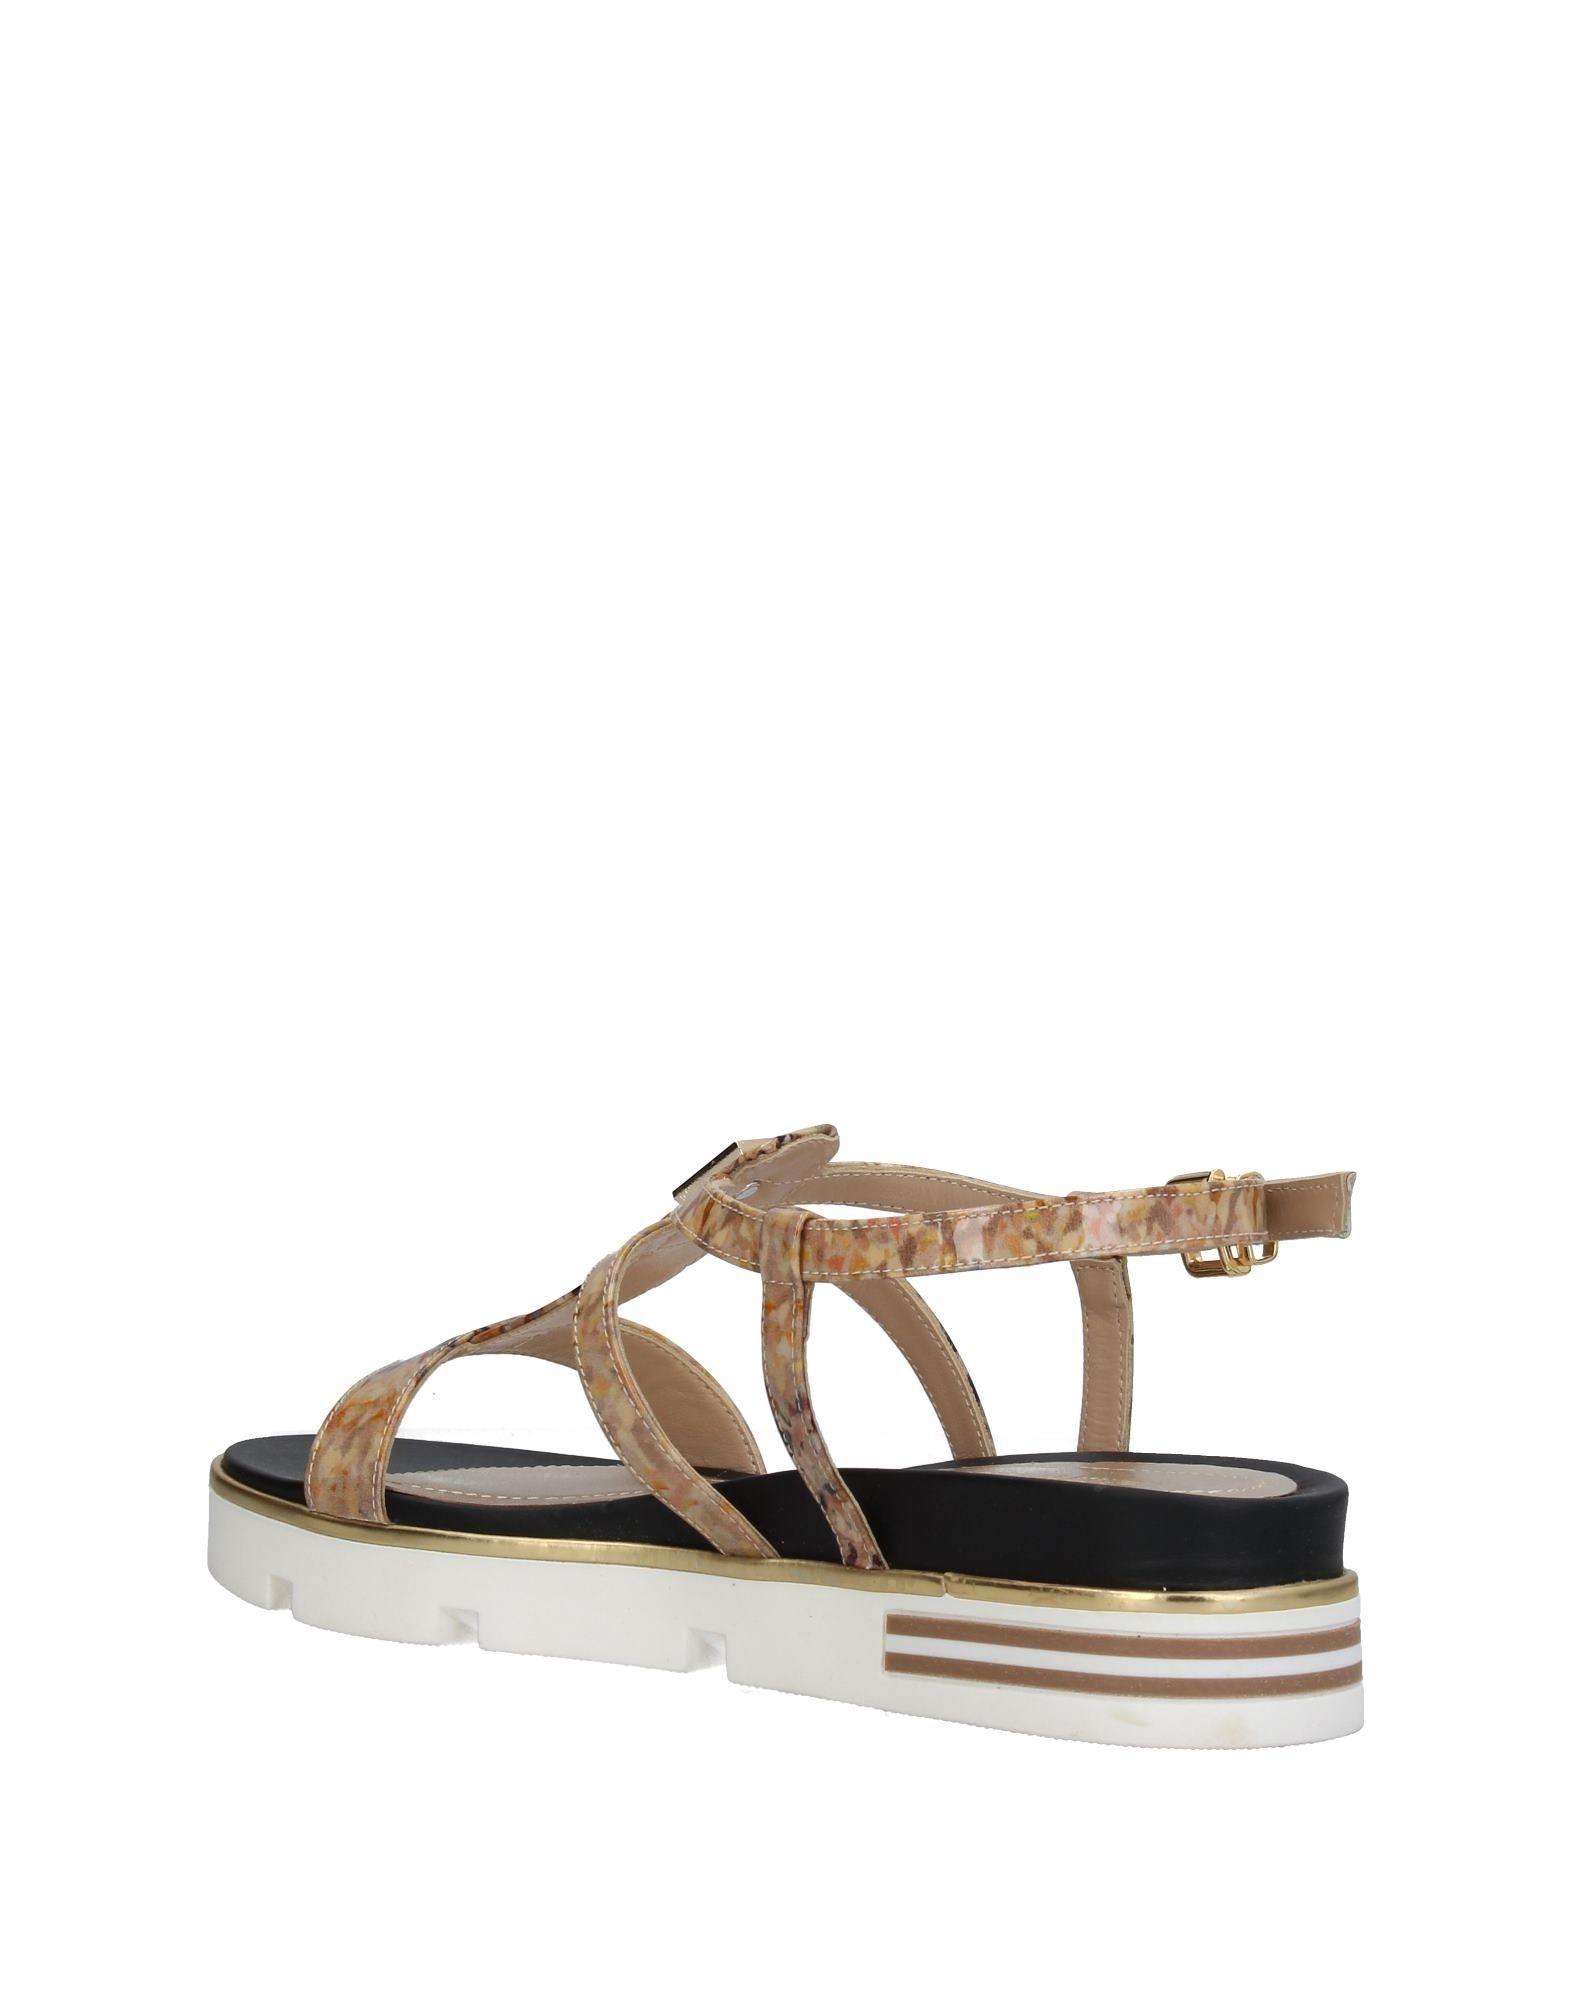 Loretta Pettinari Sandalen Damen  Gute 11386361JG Gute  Qualität beliebte Schuhe 8f63d0